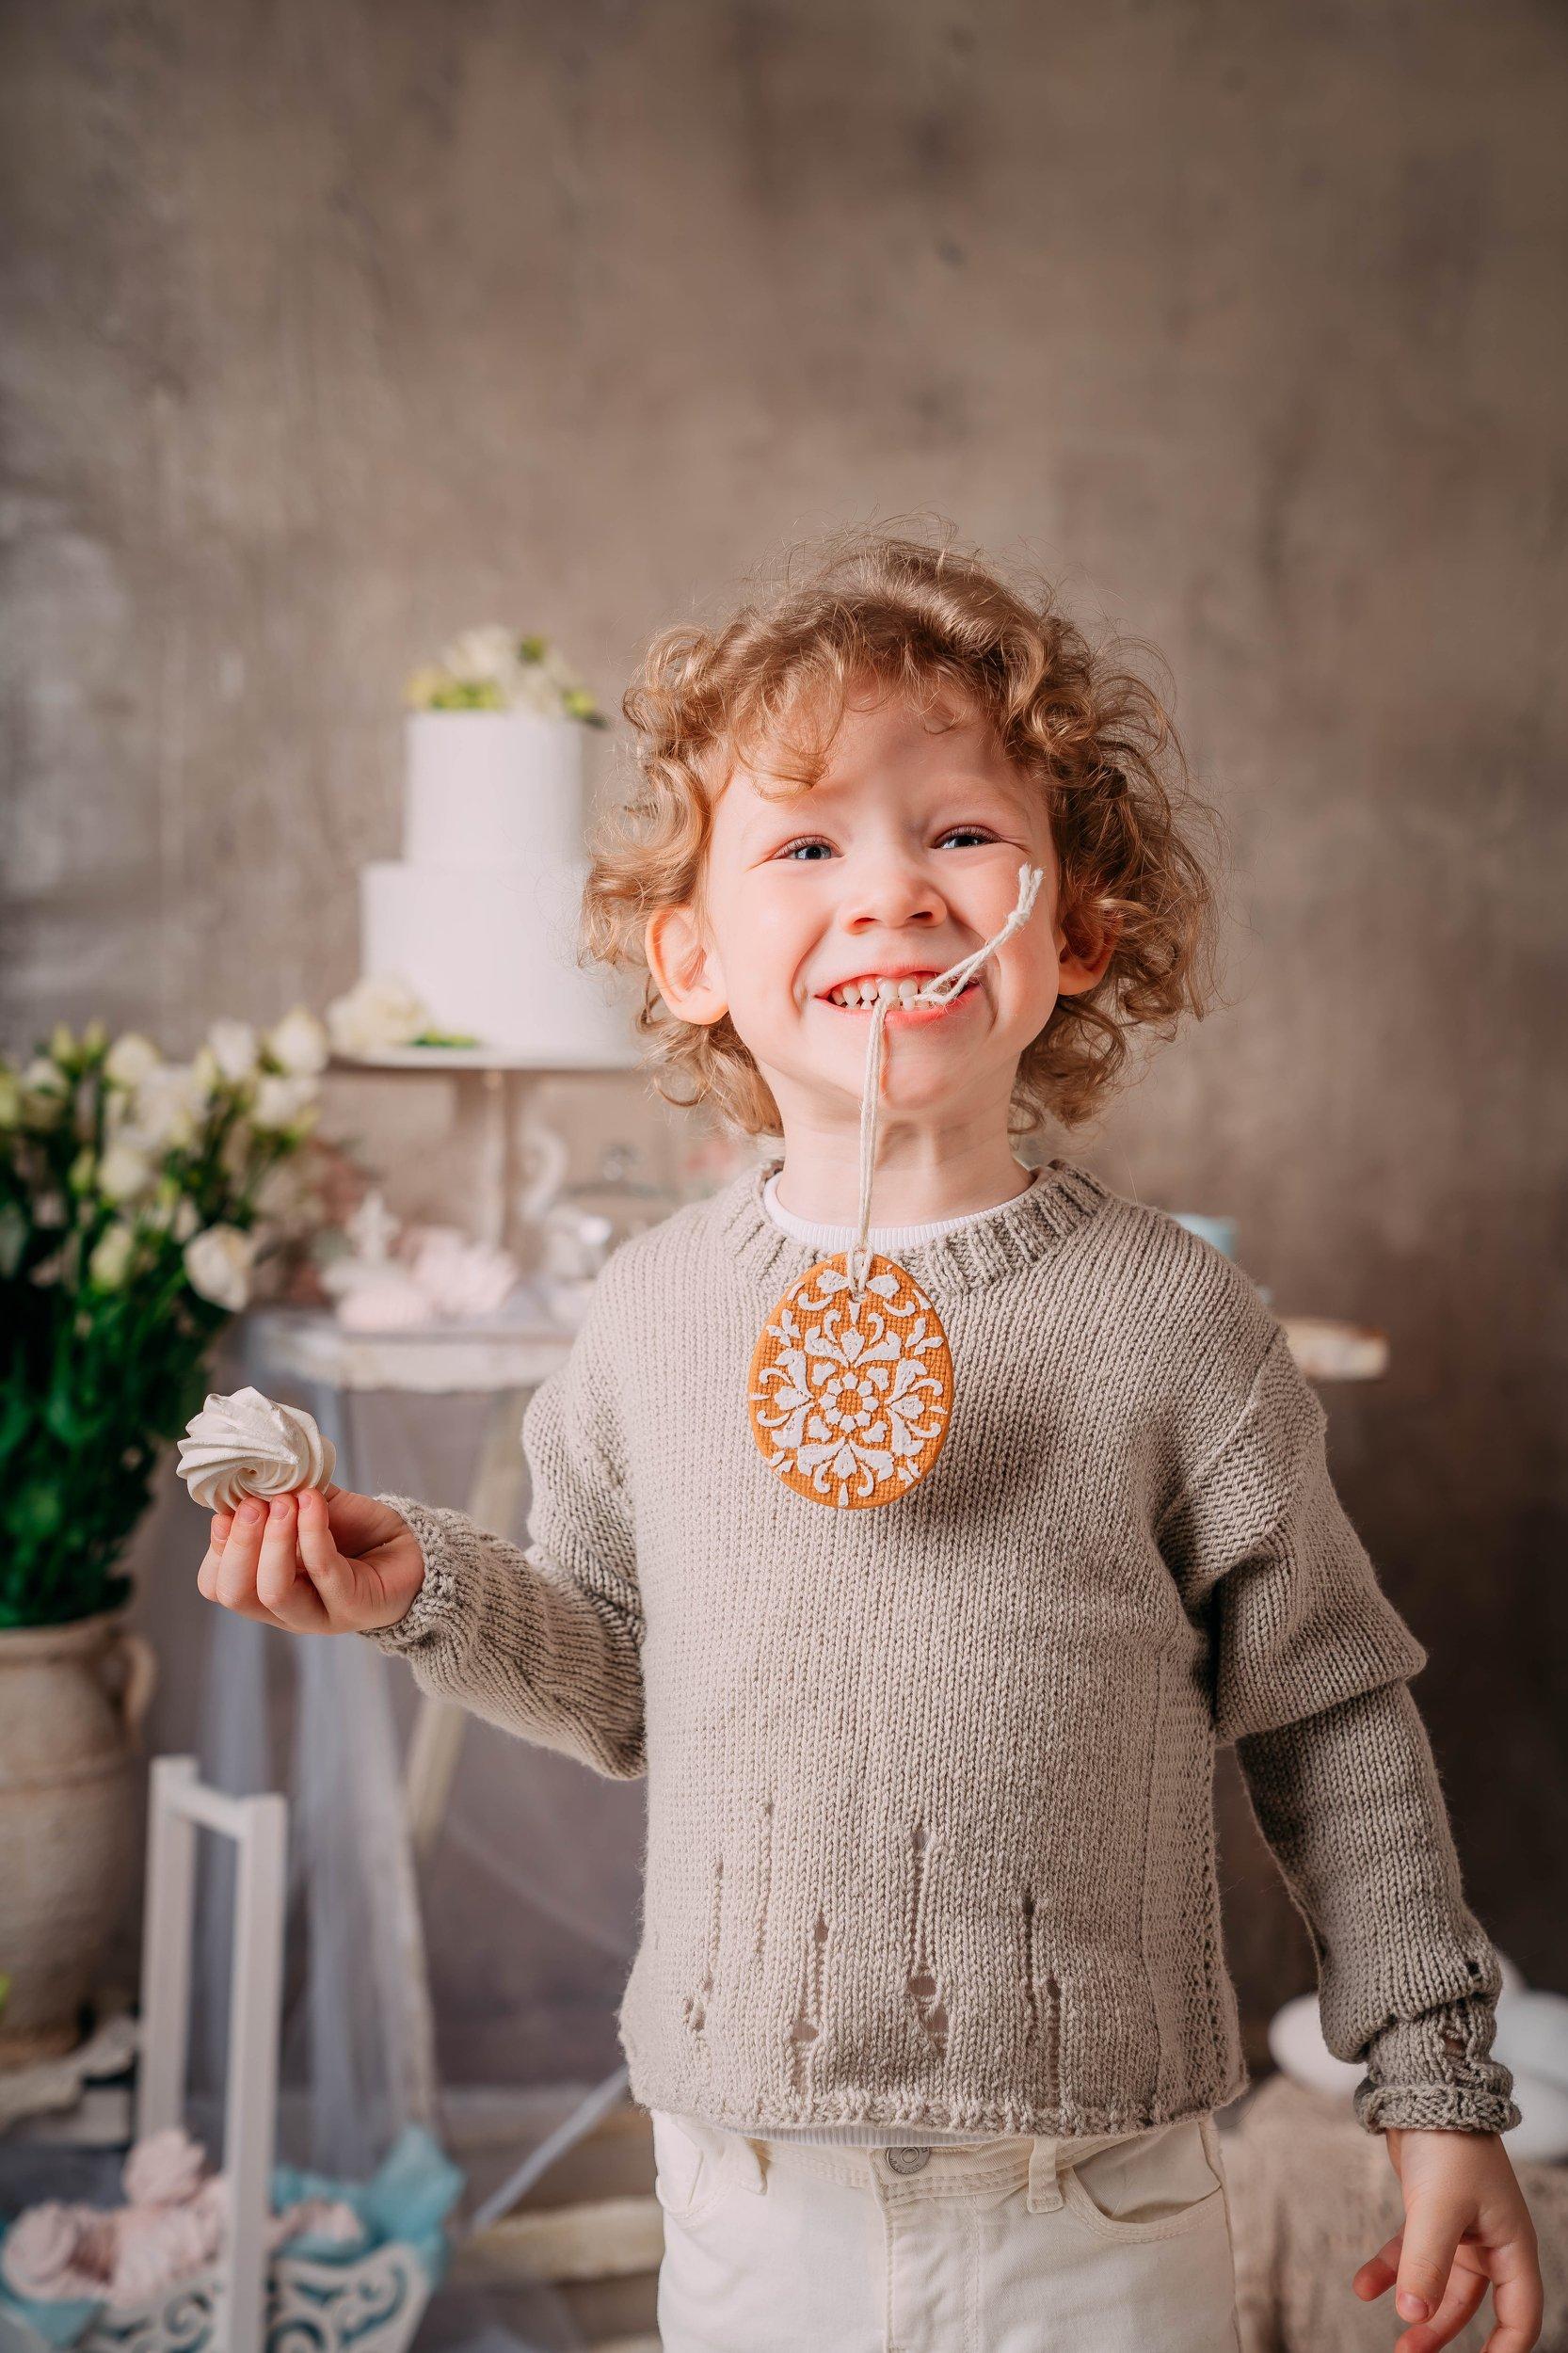 пасха портрет дети фотопроект , Юлия Кобзева